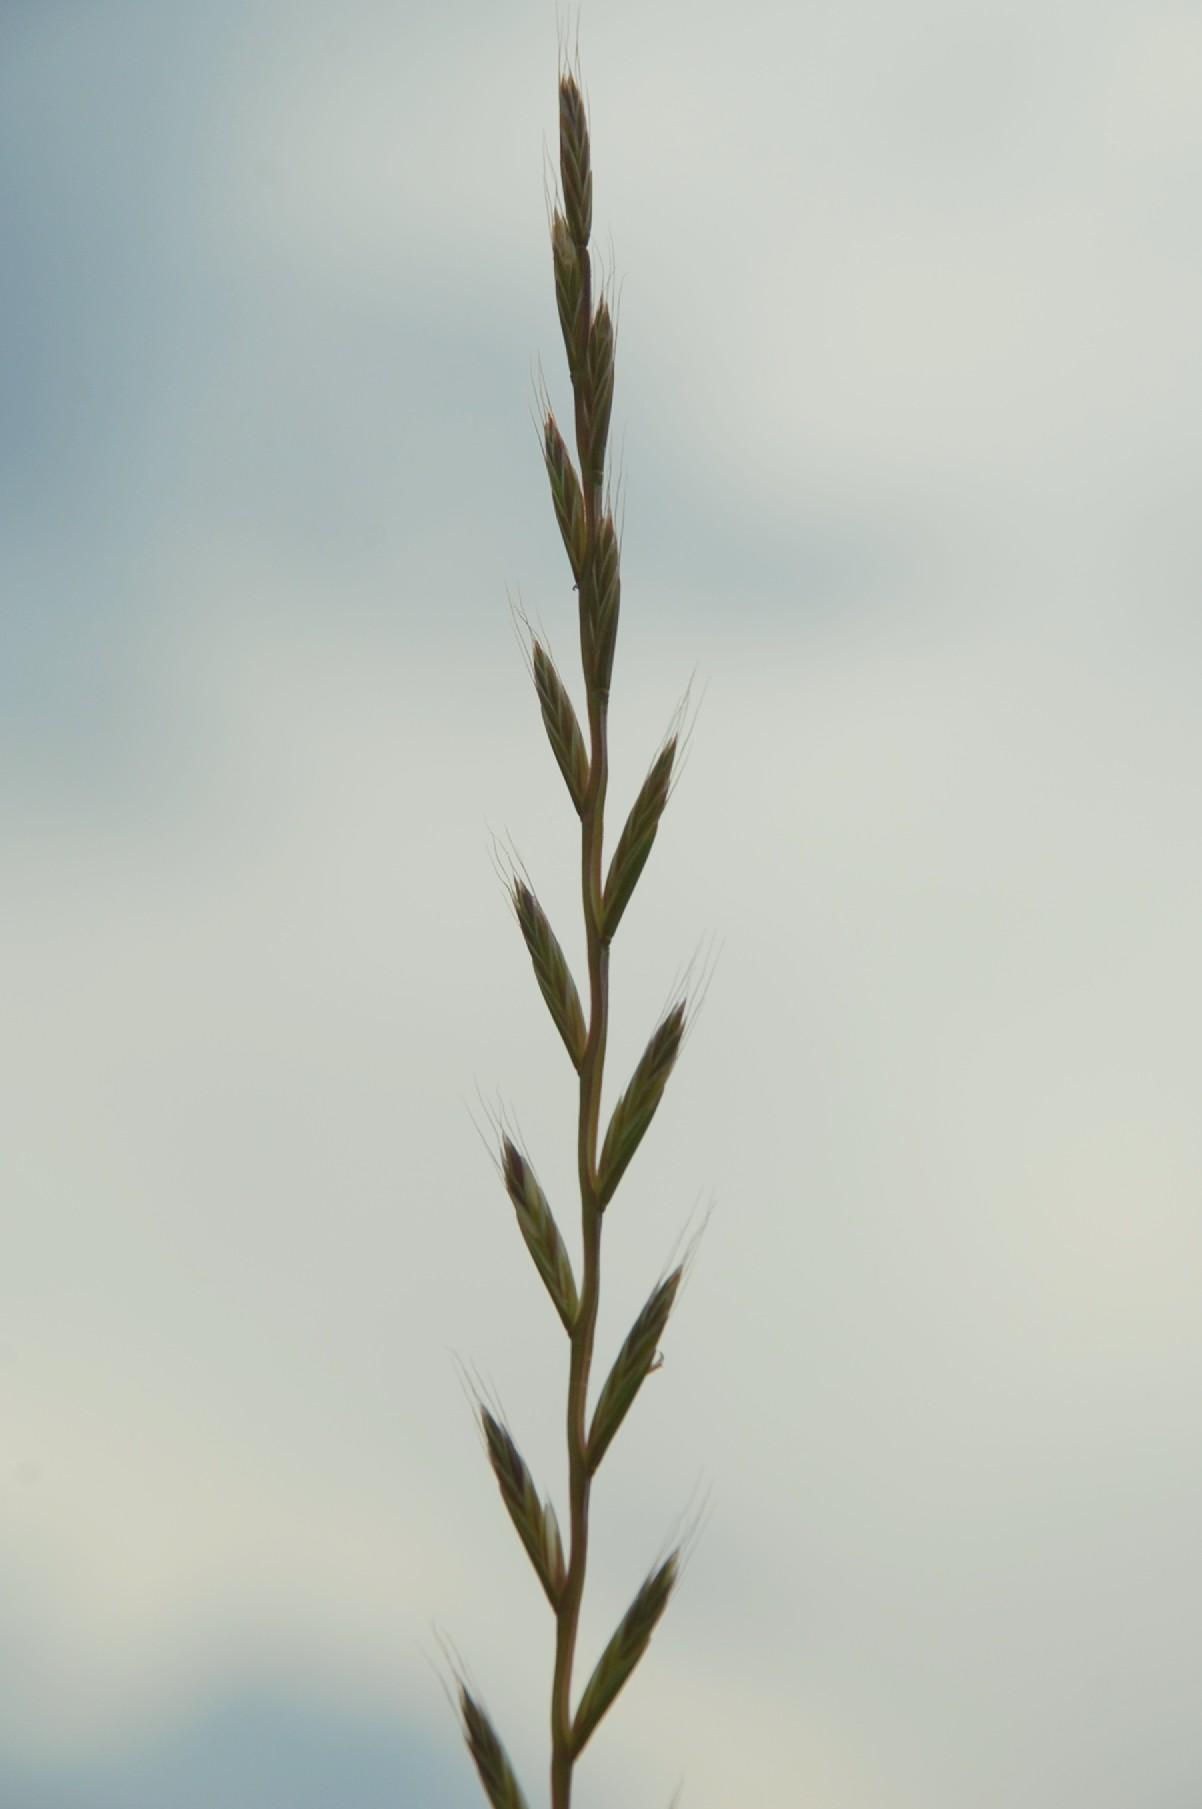 Lolium multiflorum subsp. gaudini 4